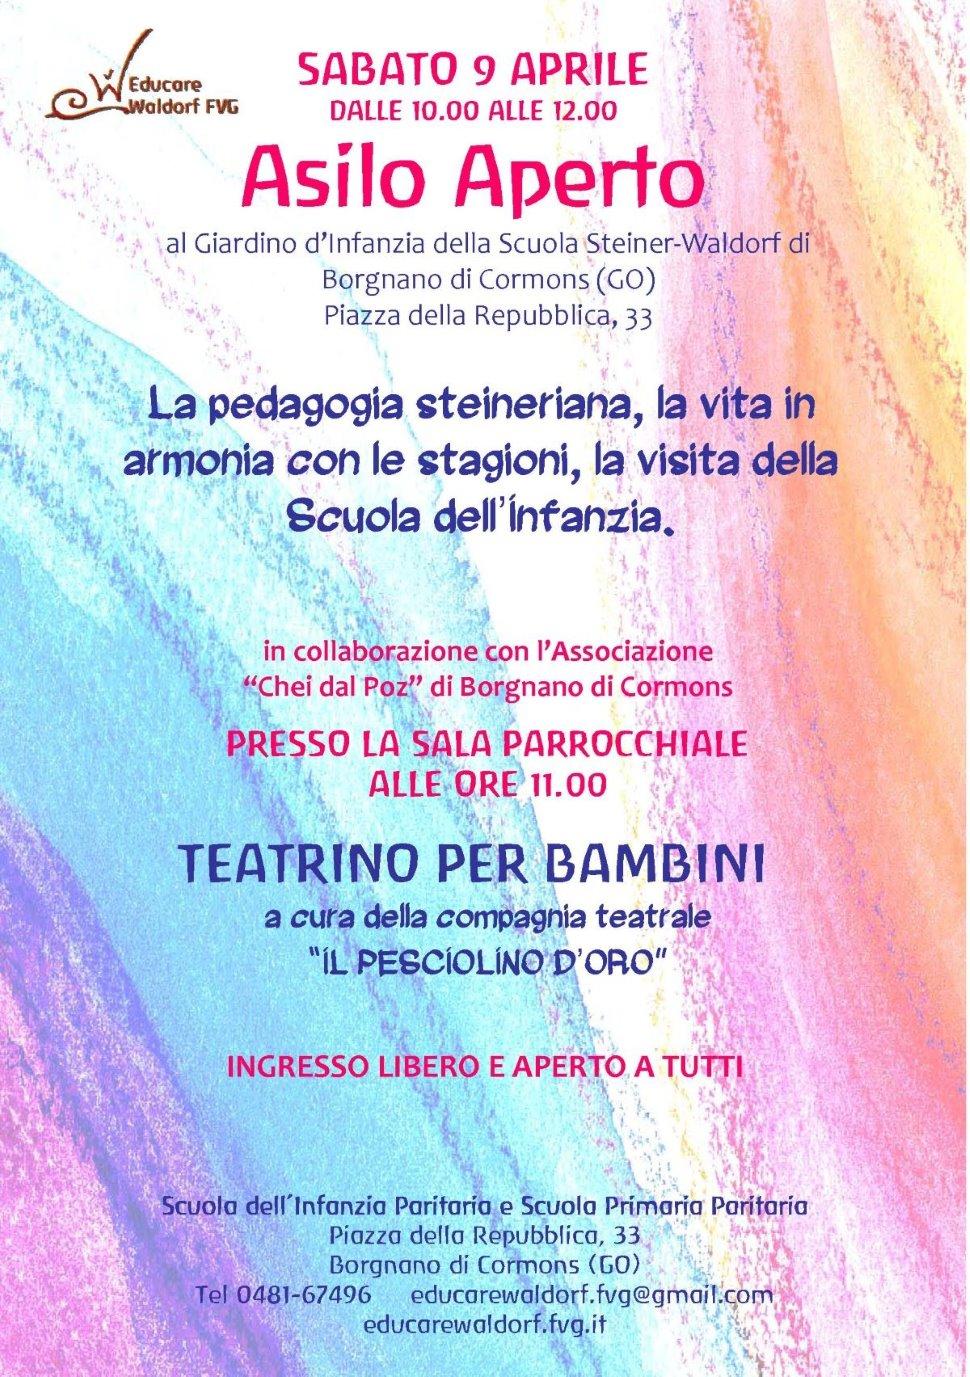 ASILO APERTO Vieni a vivere la pedagogia steineriana al Giardino d'Infanzia!!!